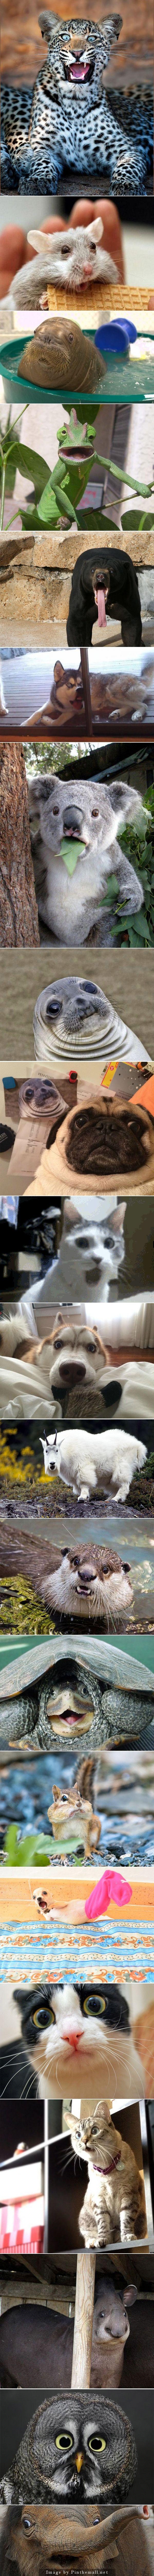 Ezek az állatok olyan vicces grimaszokat vágnak, hogy simán elmehetnének színésznek! :D Megáll az ész, és visszanéz!